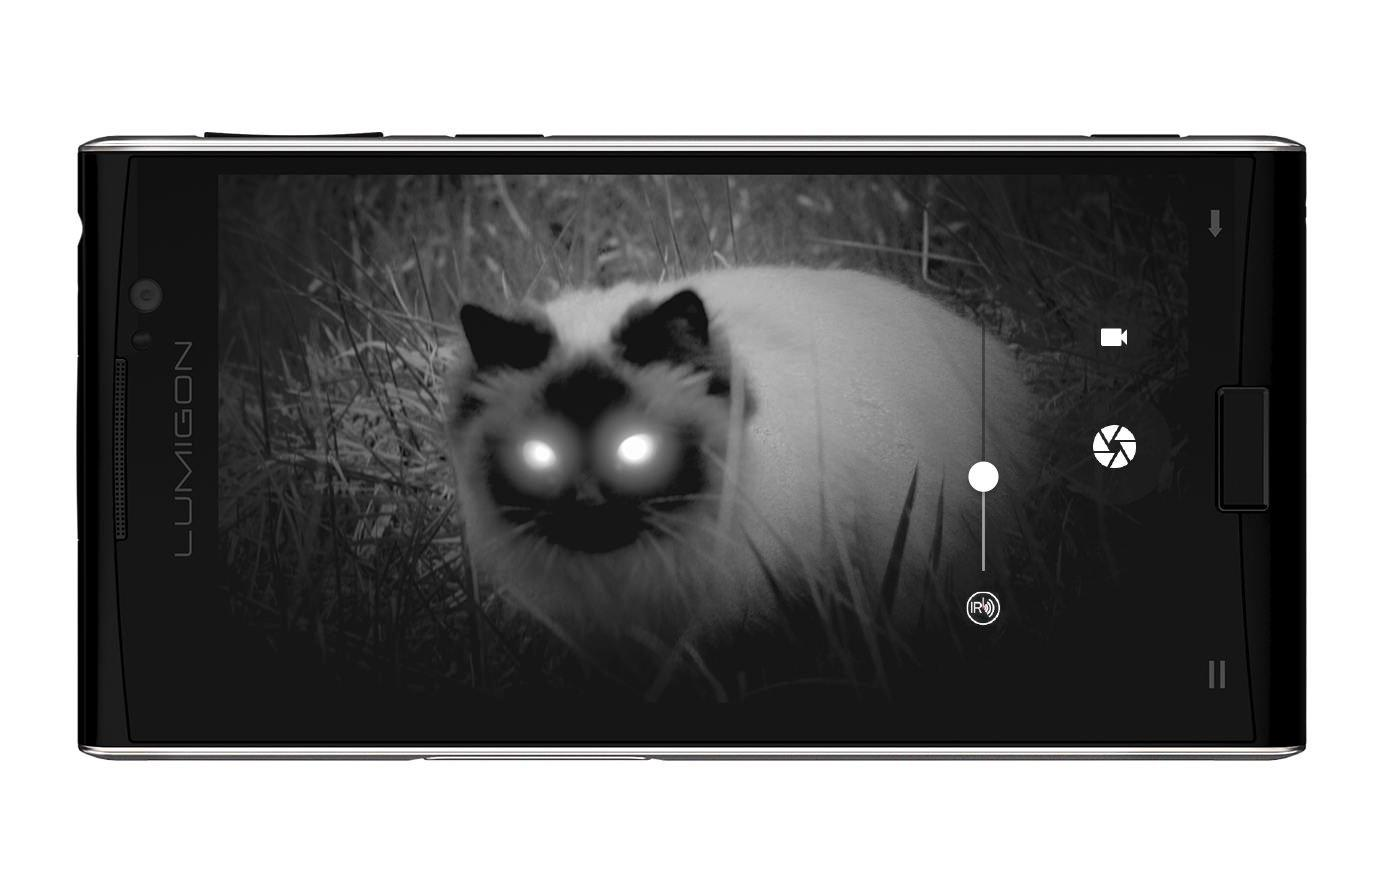 Gece Görüşlü Kameraya Sahip Telefon